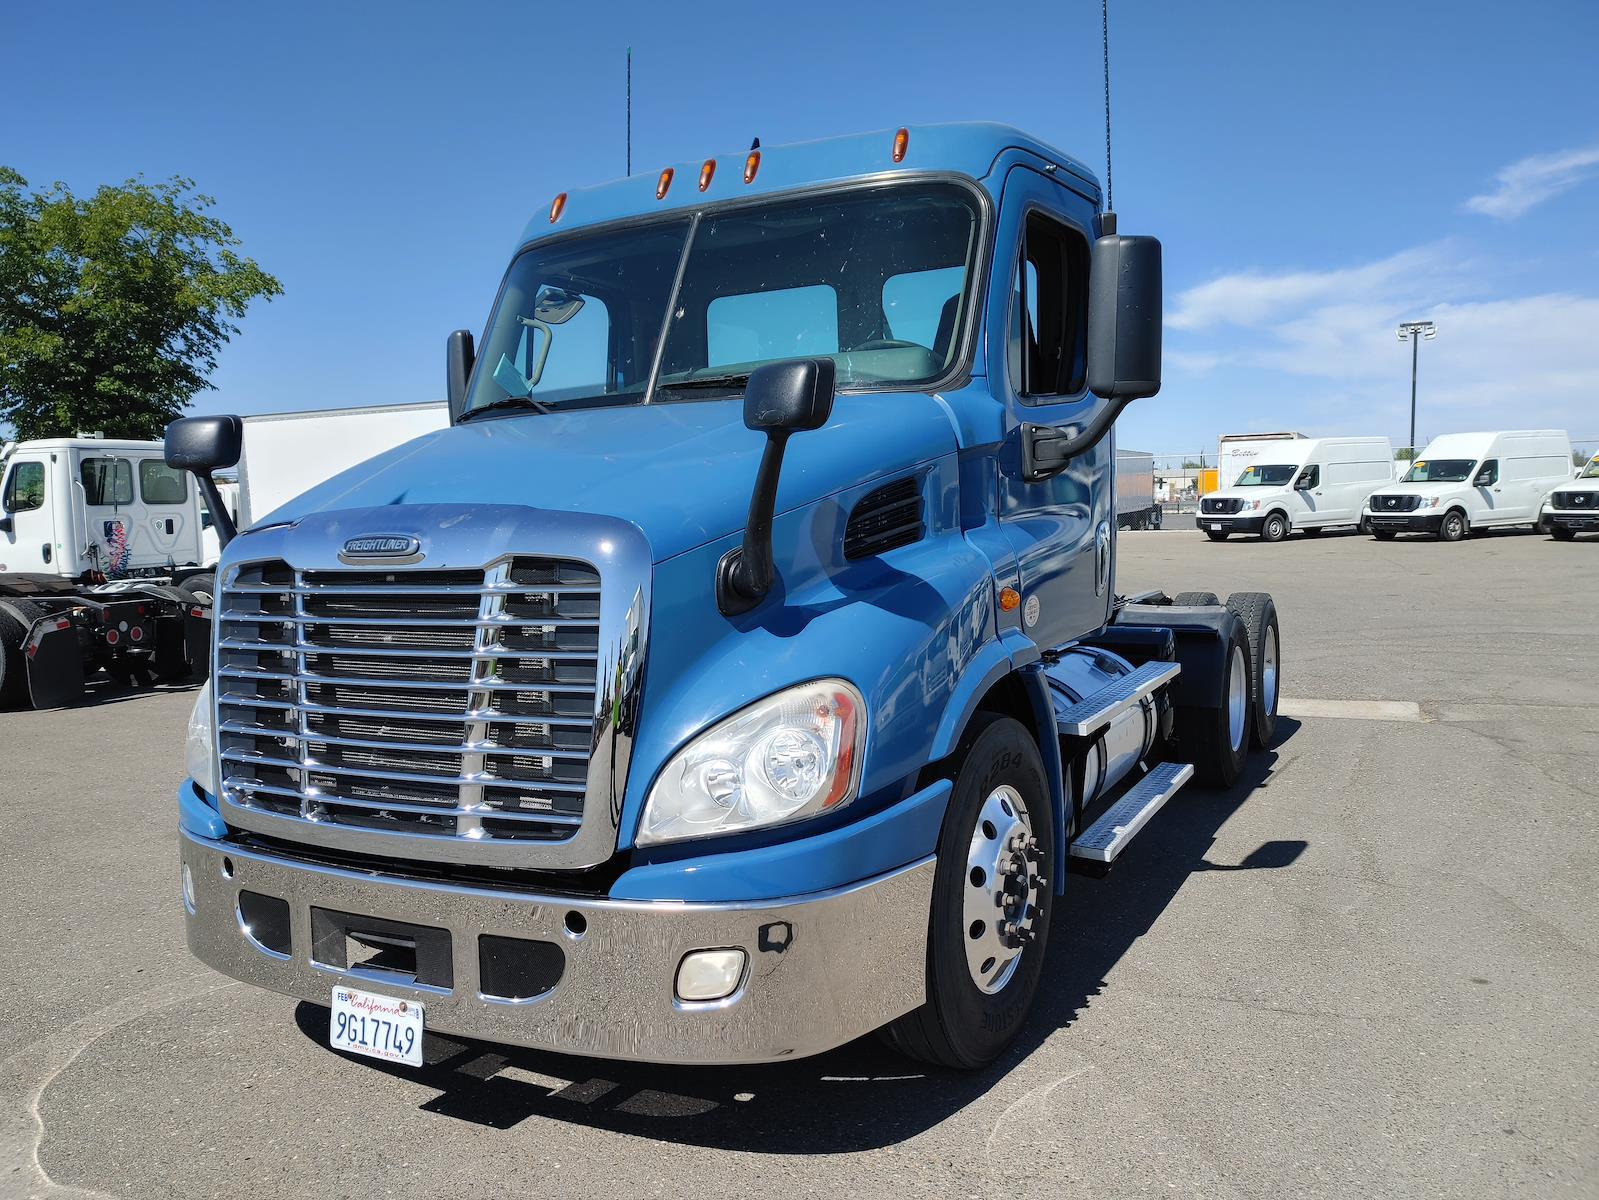 2016 Freightliner Truck 6x4, Tractor #356996 - photo 1